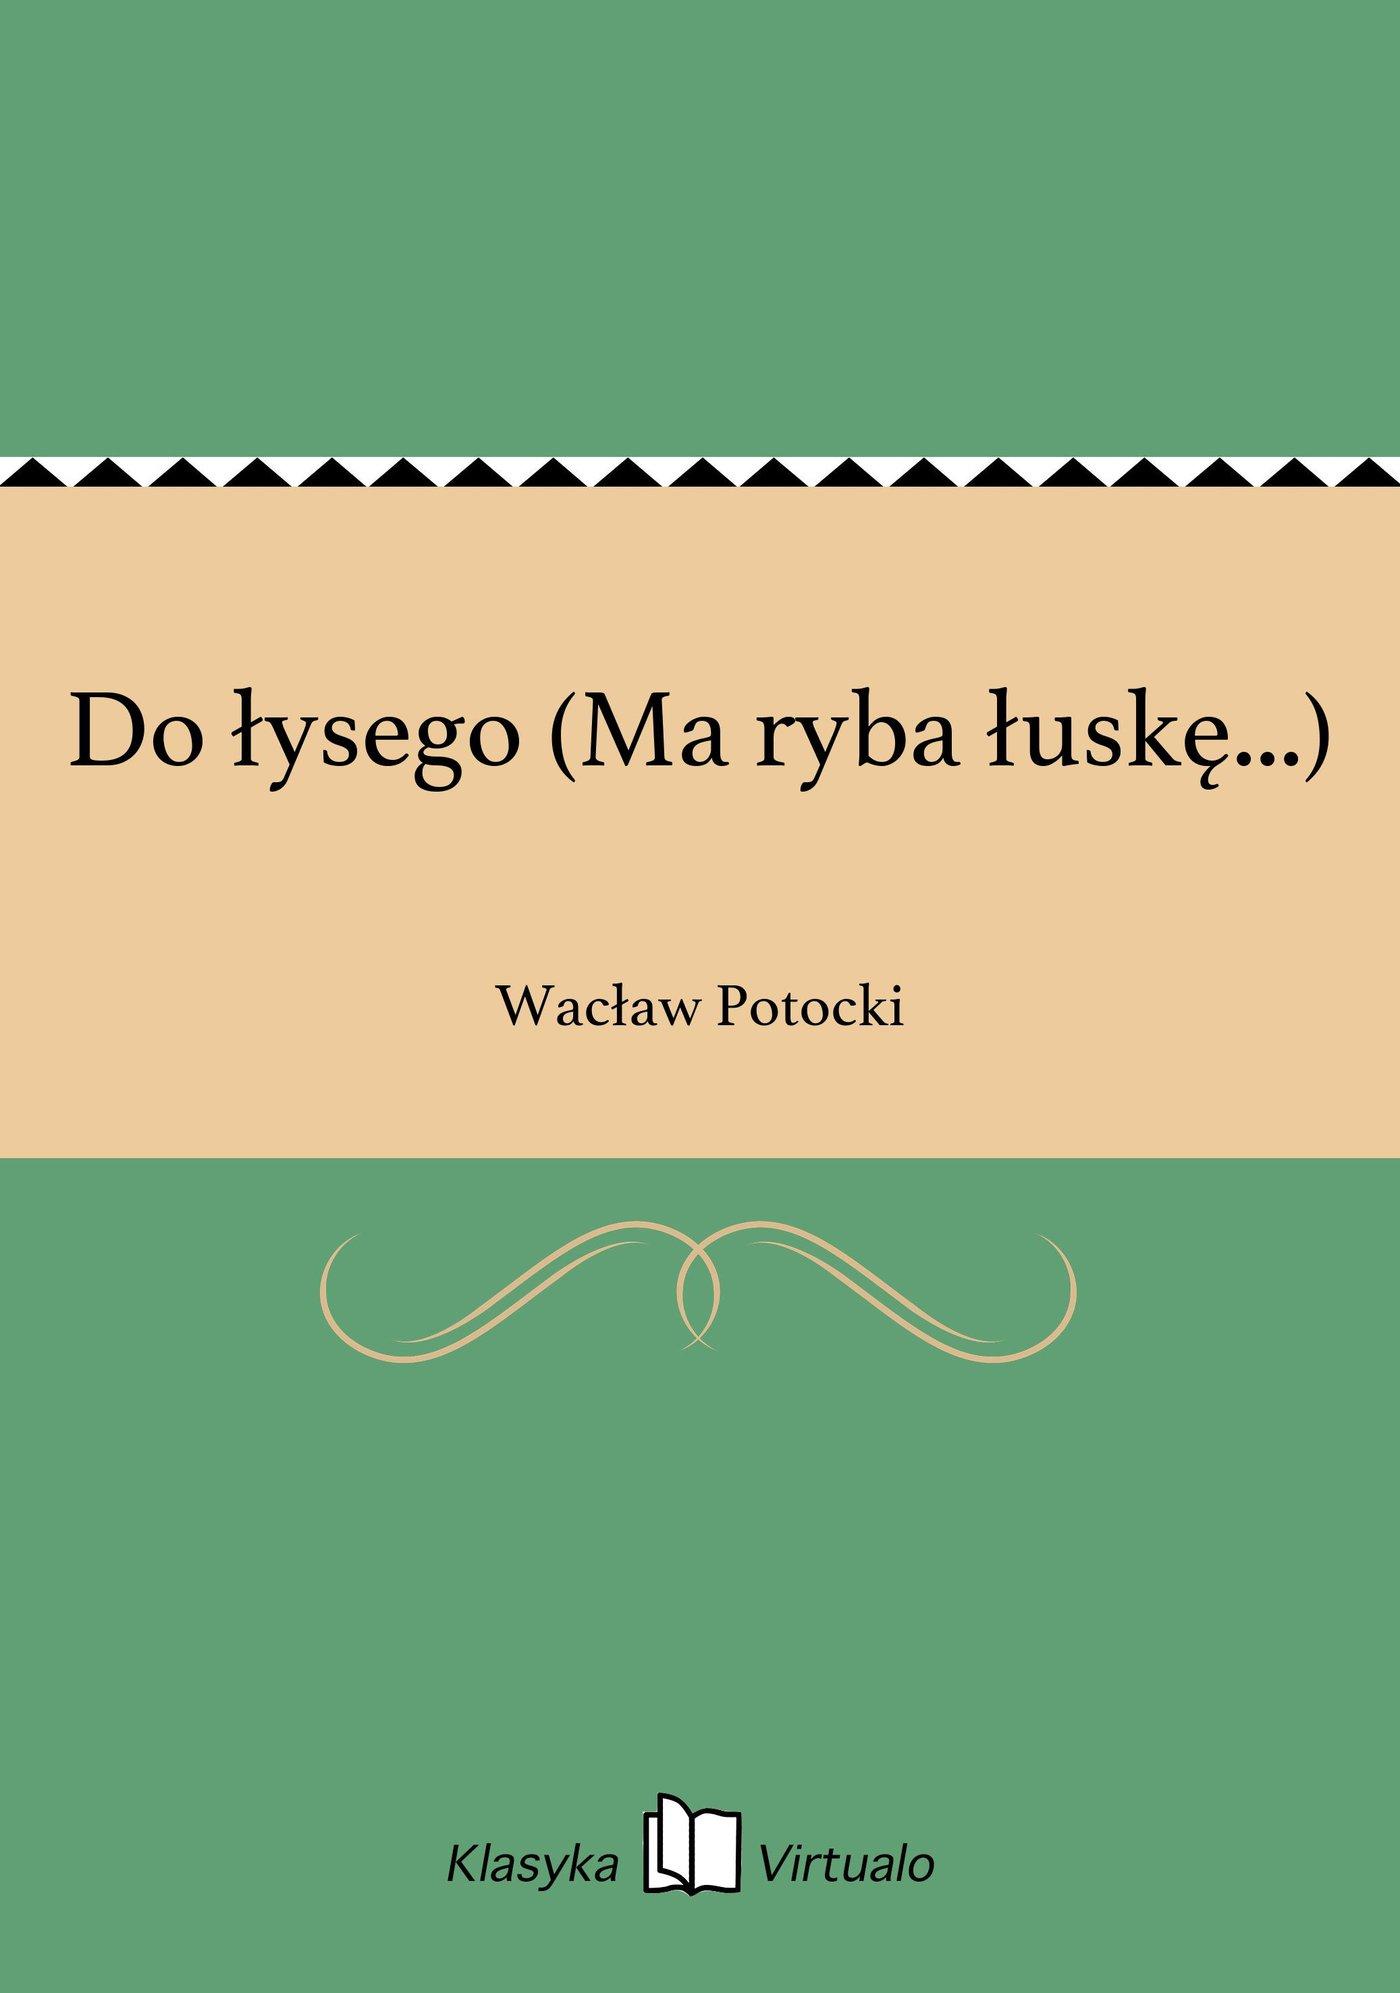 Do łysego (Ma ryba łuskę...) - Ebook (Książka EPUB) do pobrania w formacie EPUB